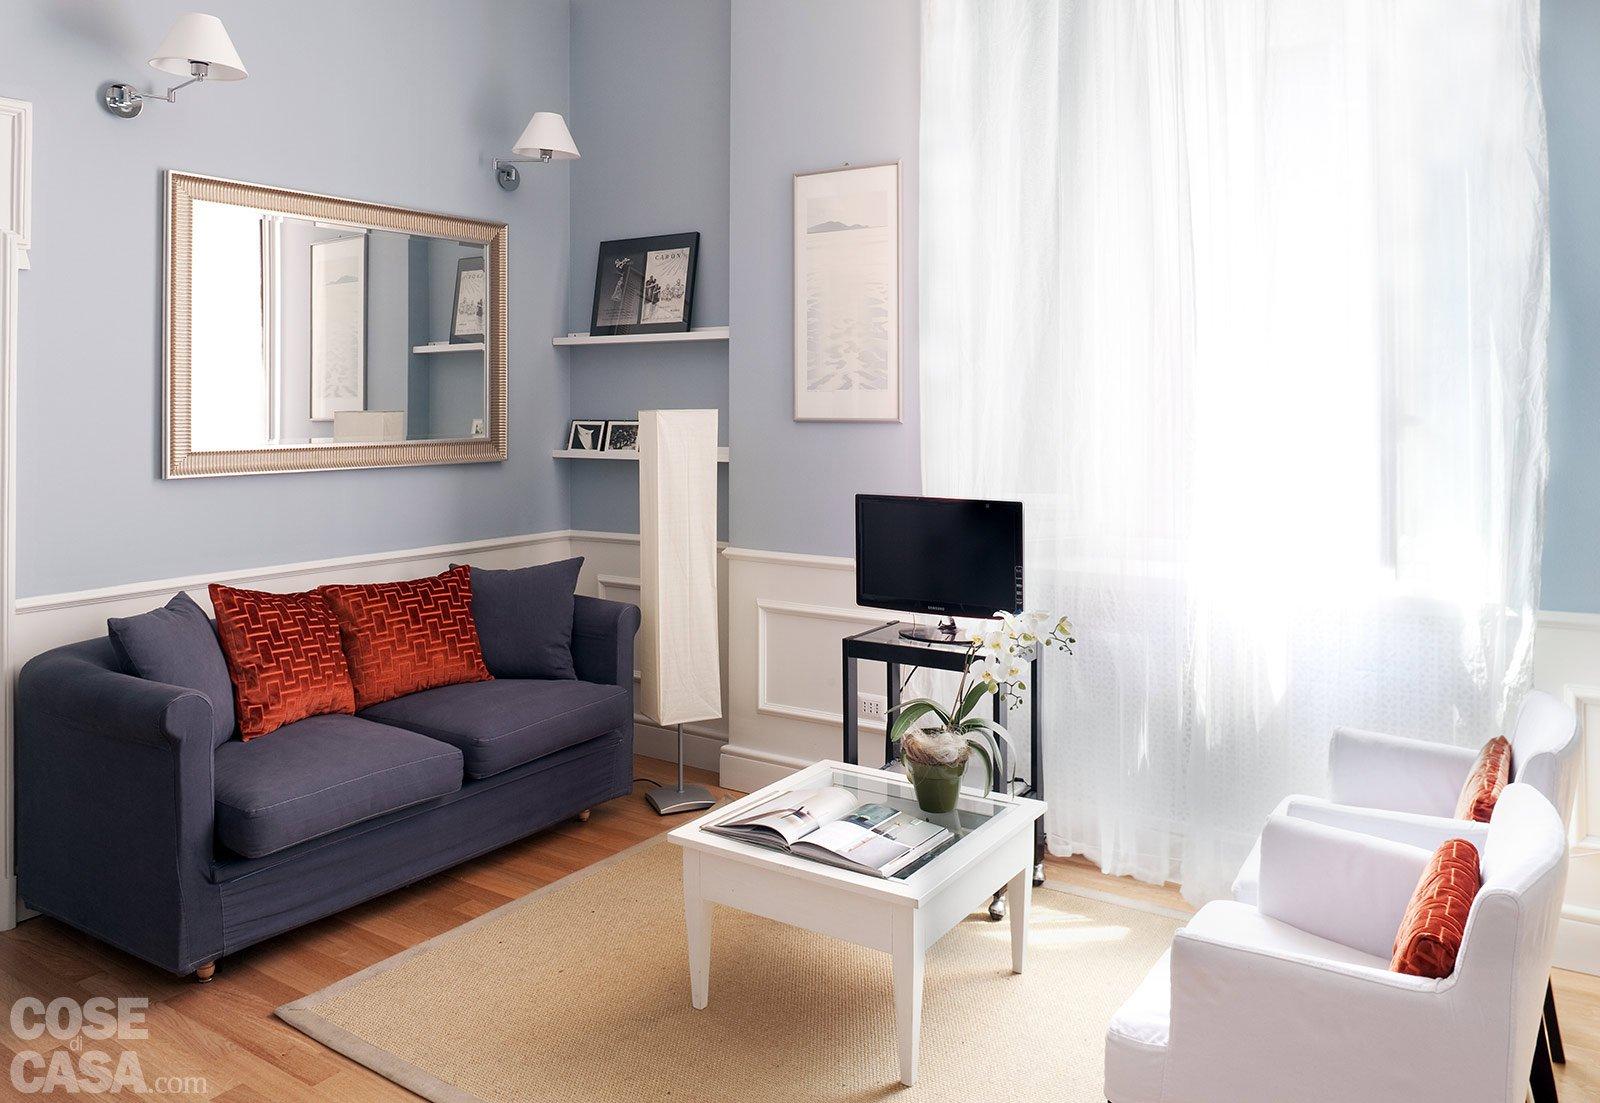 La casa per due un bilocale di classe cose di casa for Arredare una parete del soggiorno